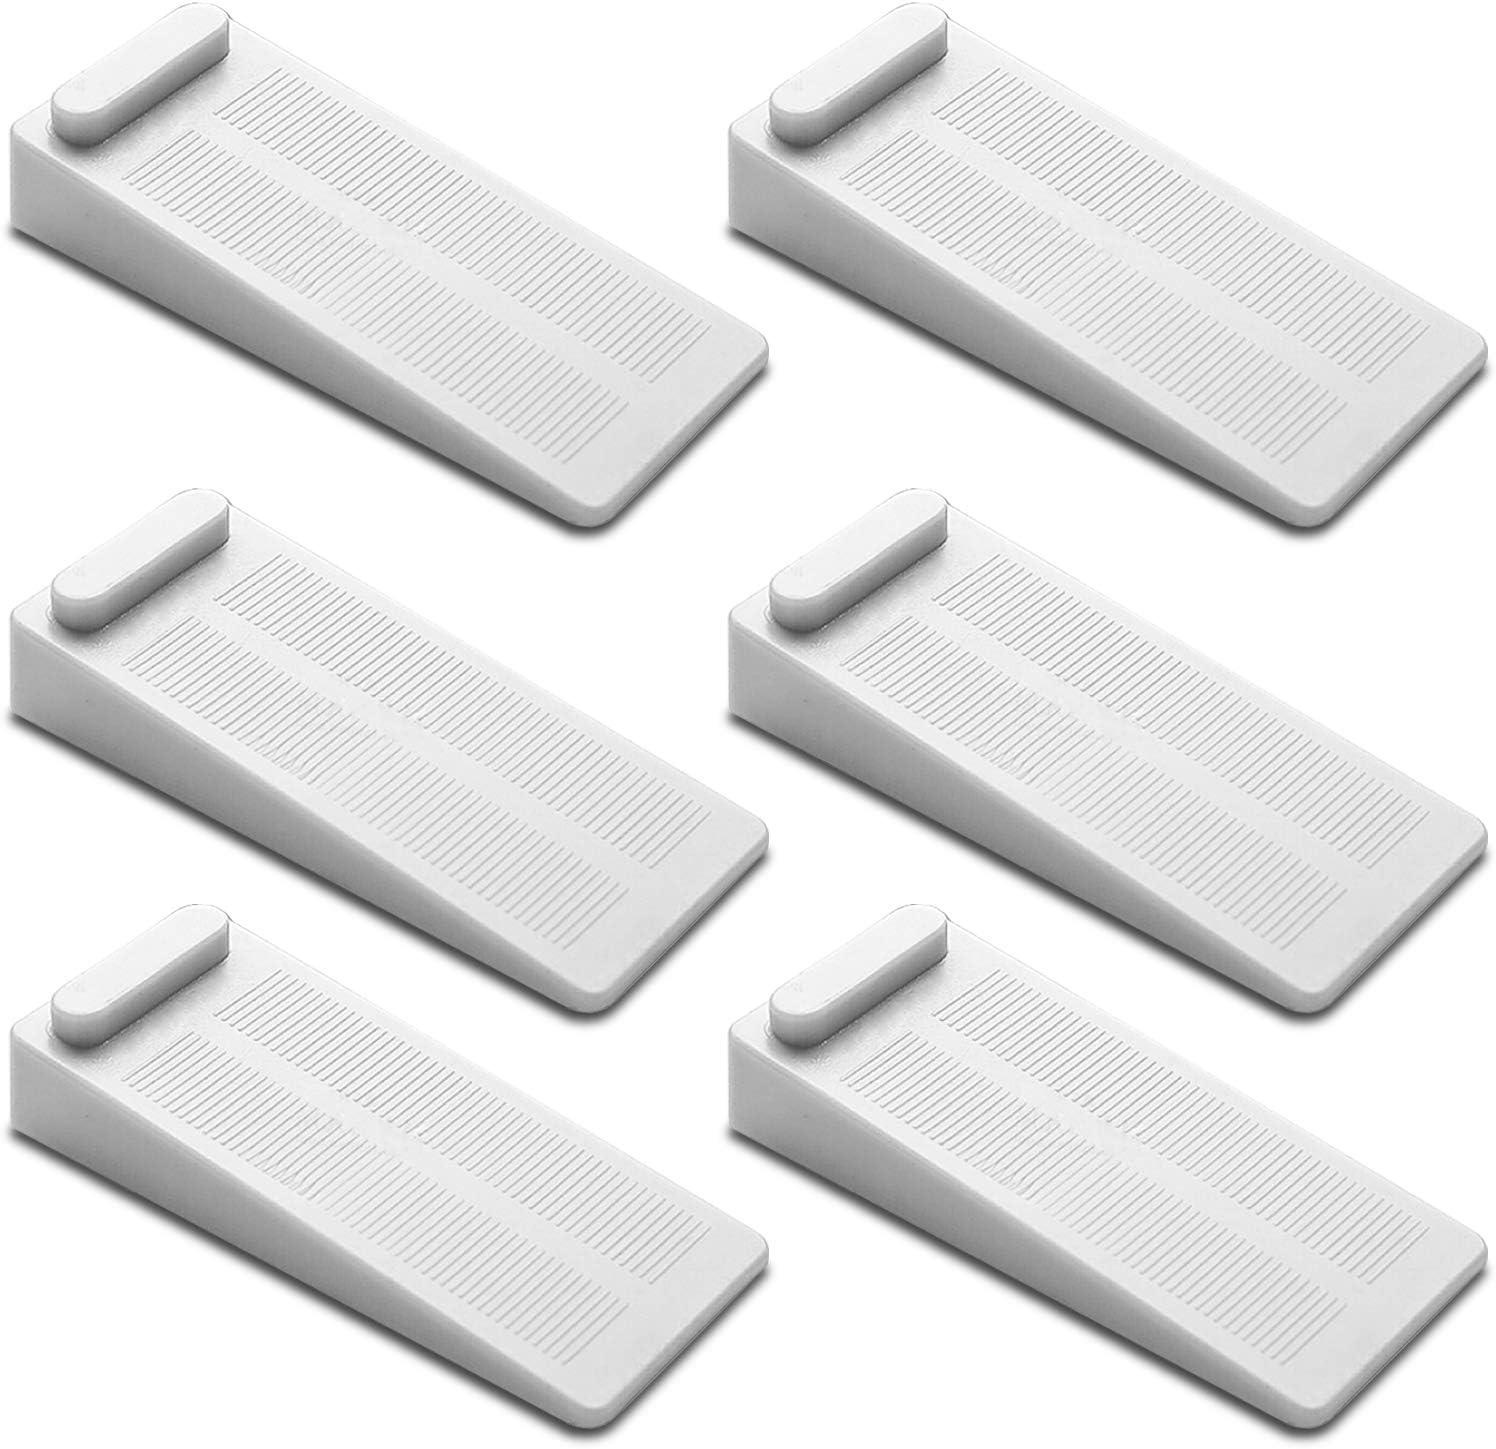 FEIGO topes de puerta de goma cuñas antideslizantes ajustables en altura, antideslizantes en losetas / parquet / alfombras, tope de puerta para puerta de balcón, baño, habitación infantil- 6 piezas